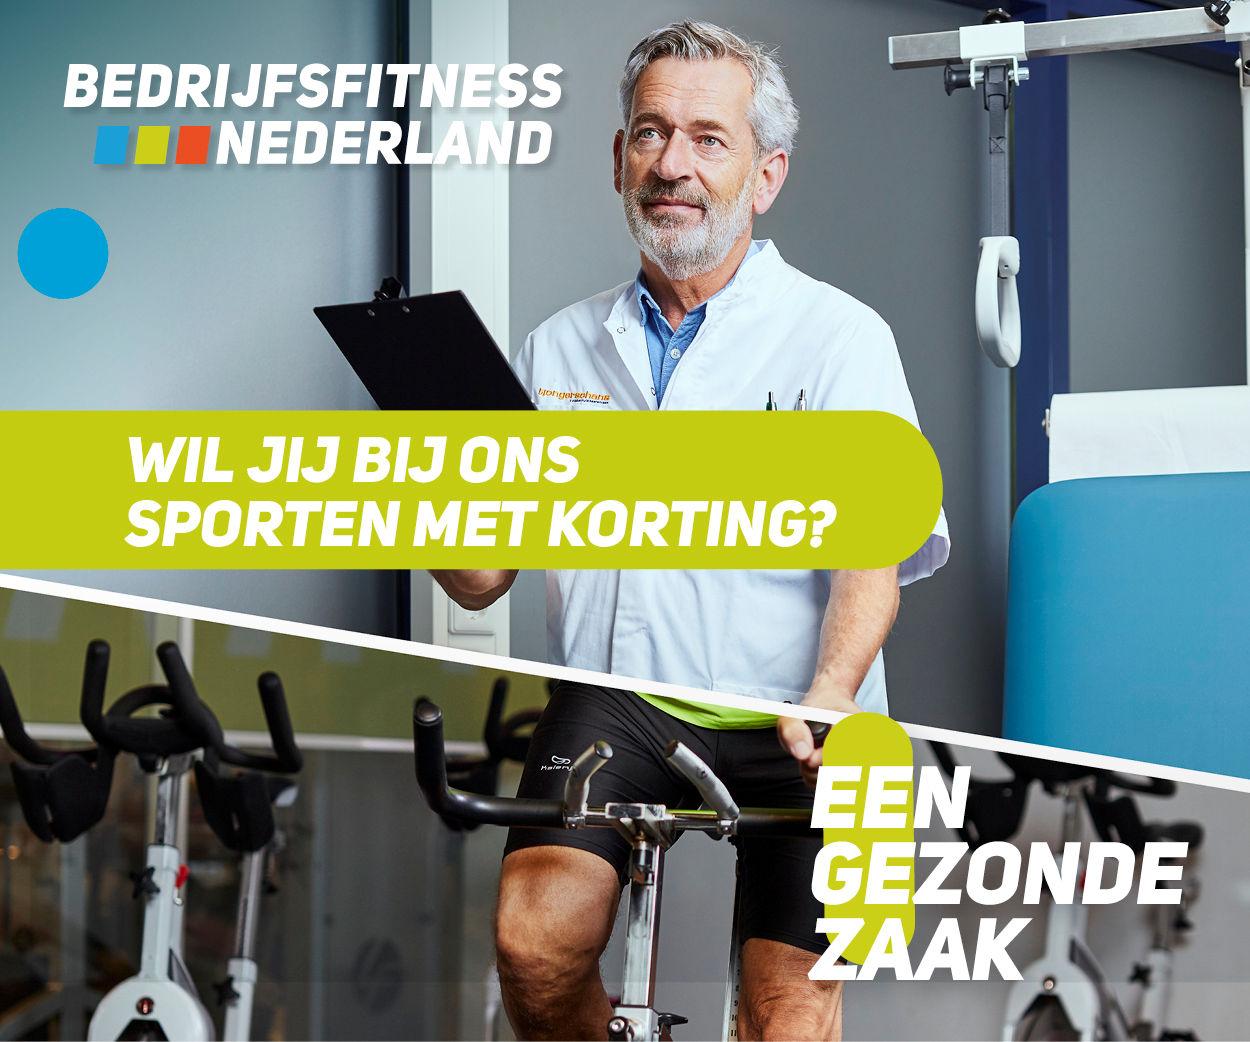 Bedrijfsfitness doe je bij Fitness de Bataaf in Den Haag!